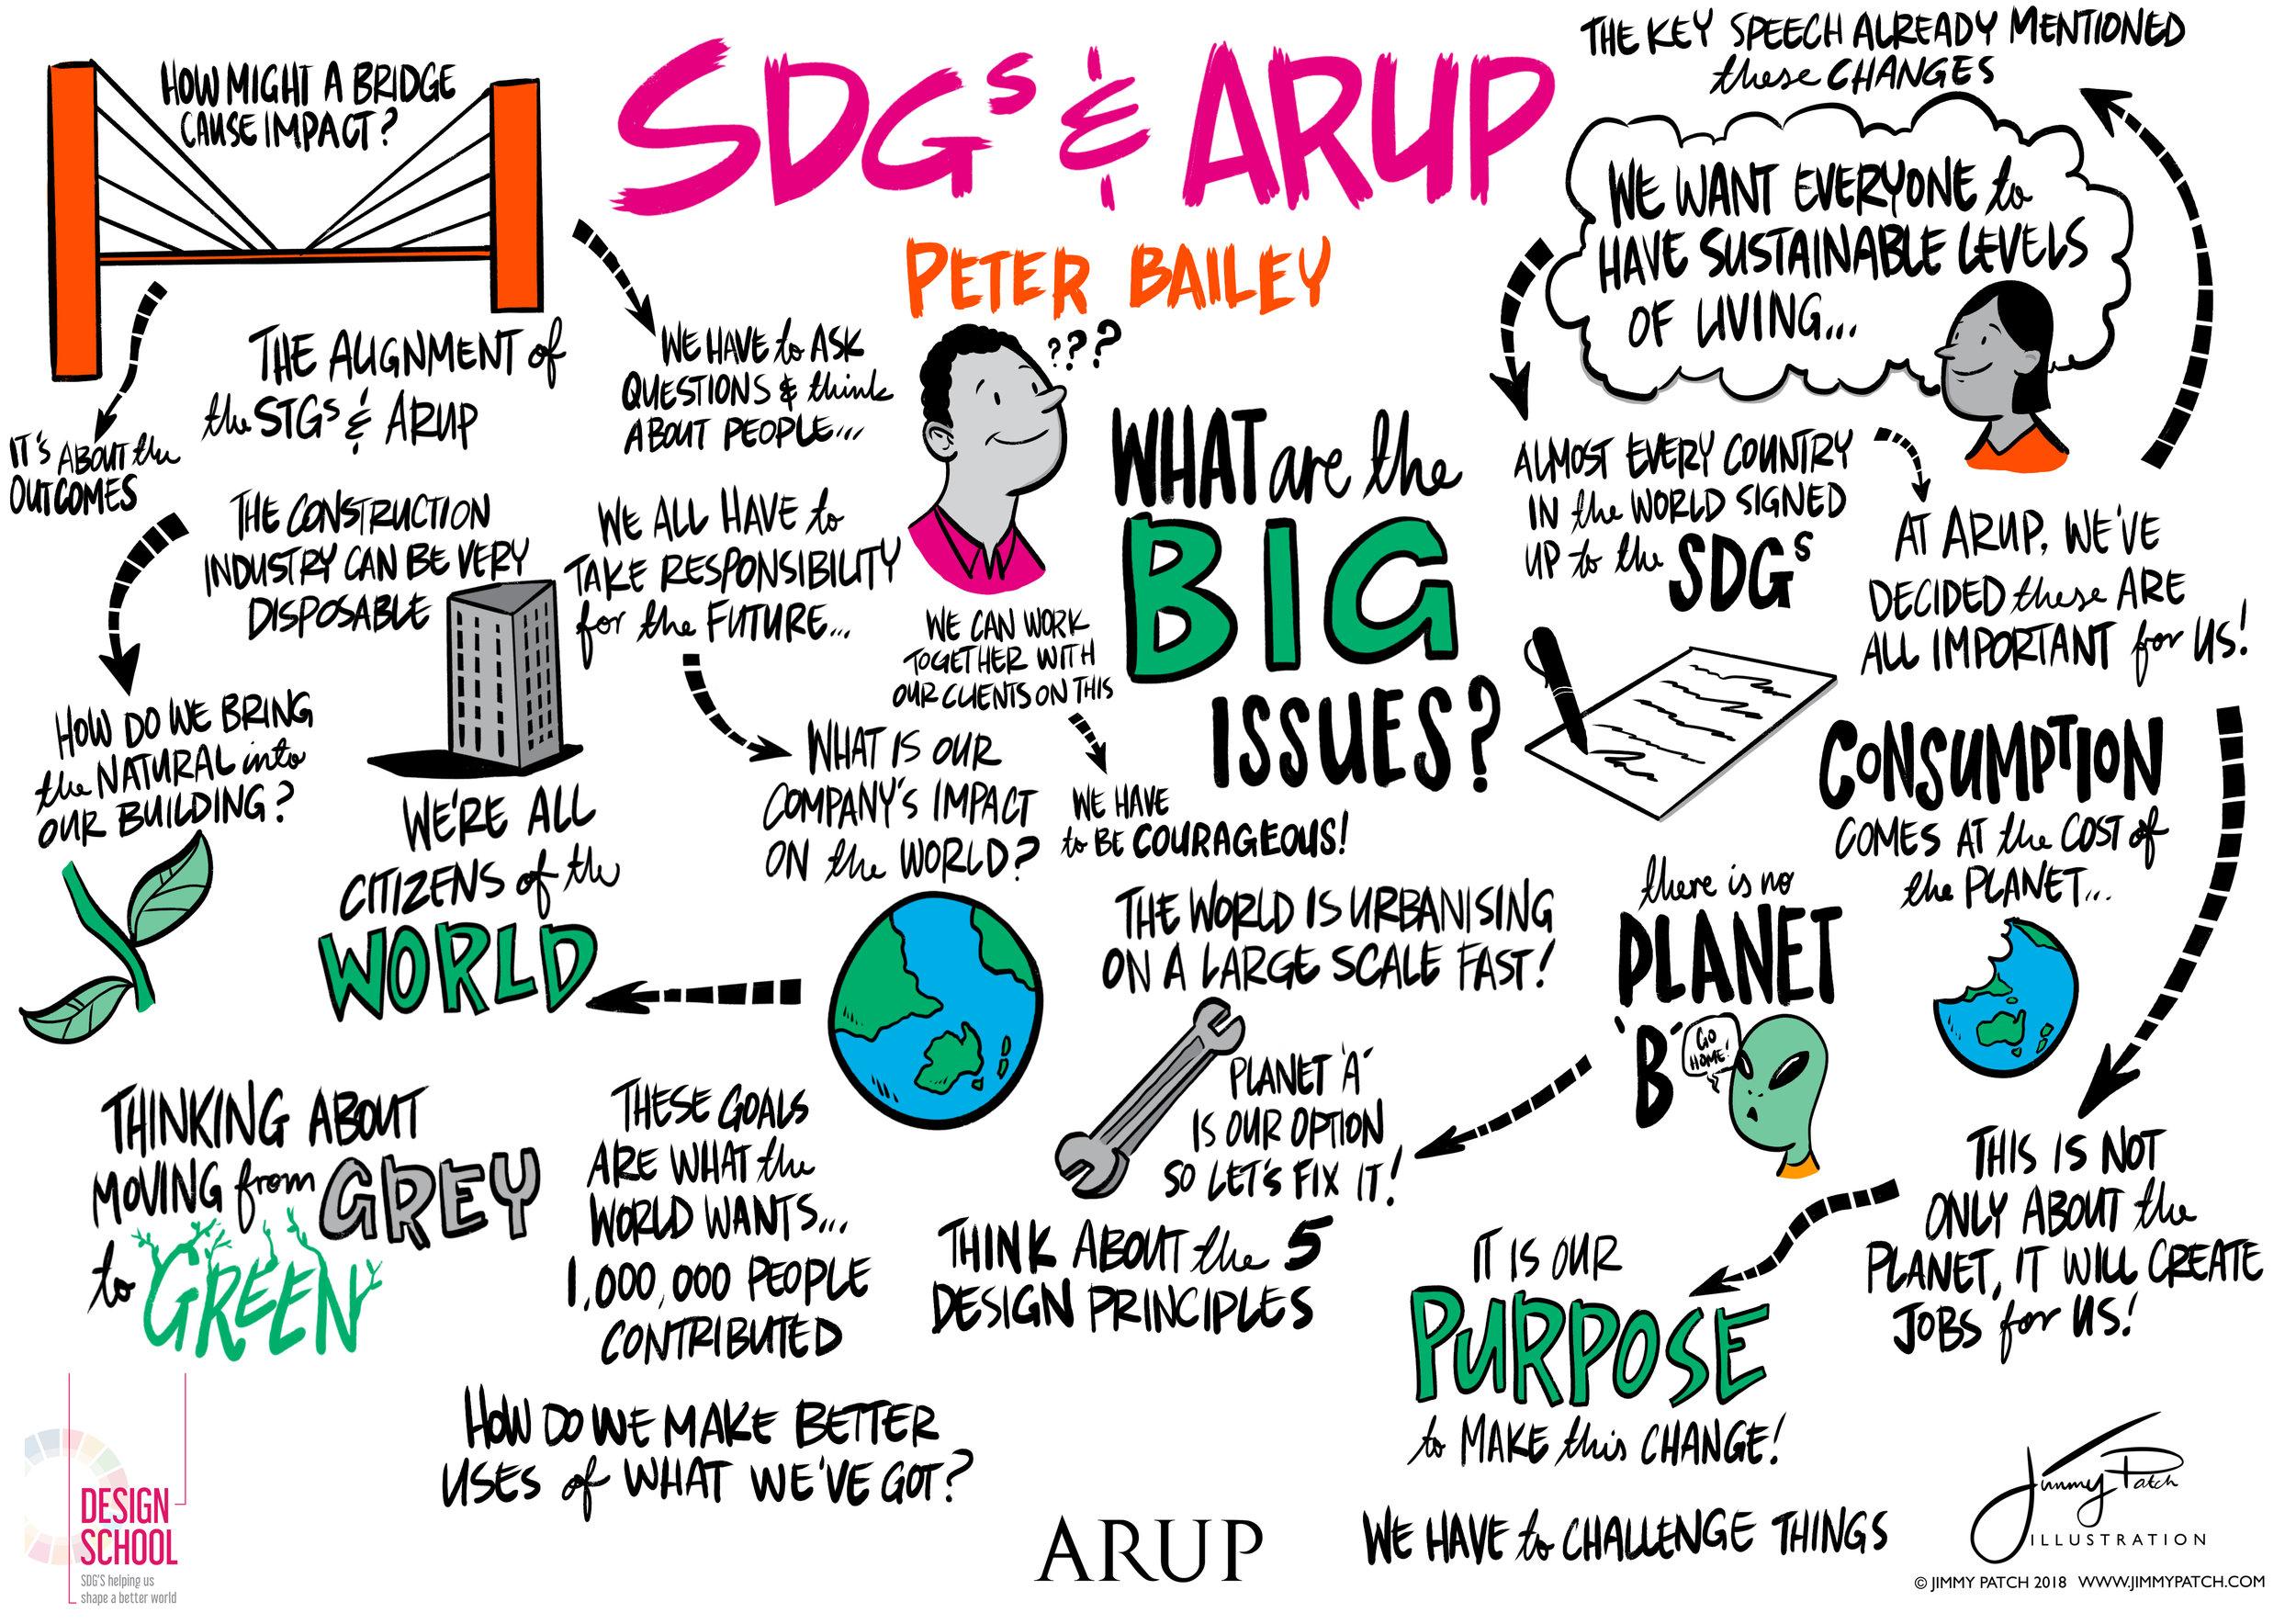 02_SDGs_&_Arup_Peter_Bailey.jpg